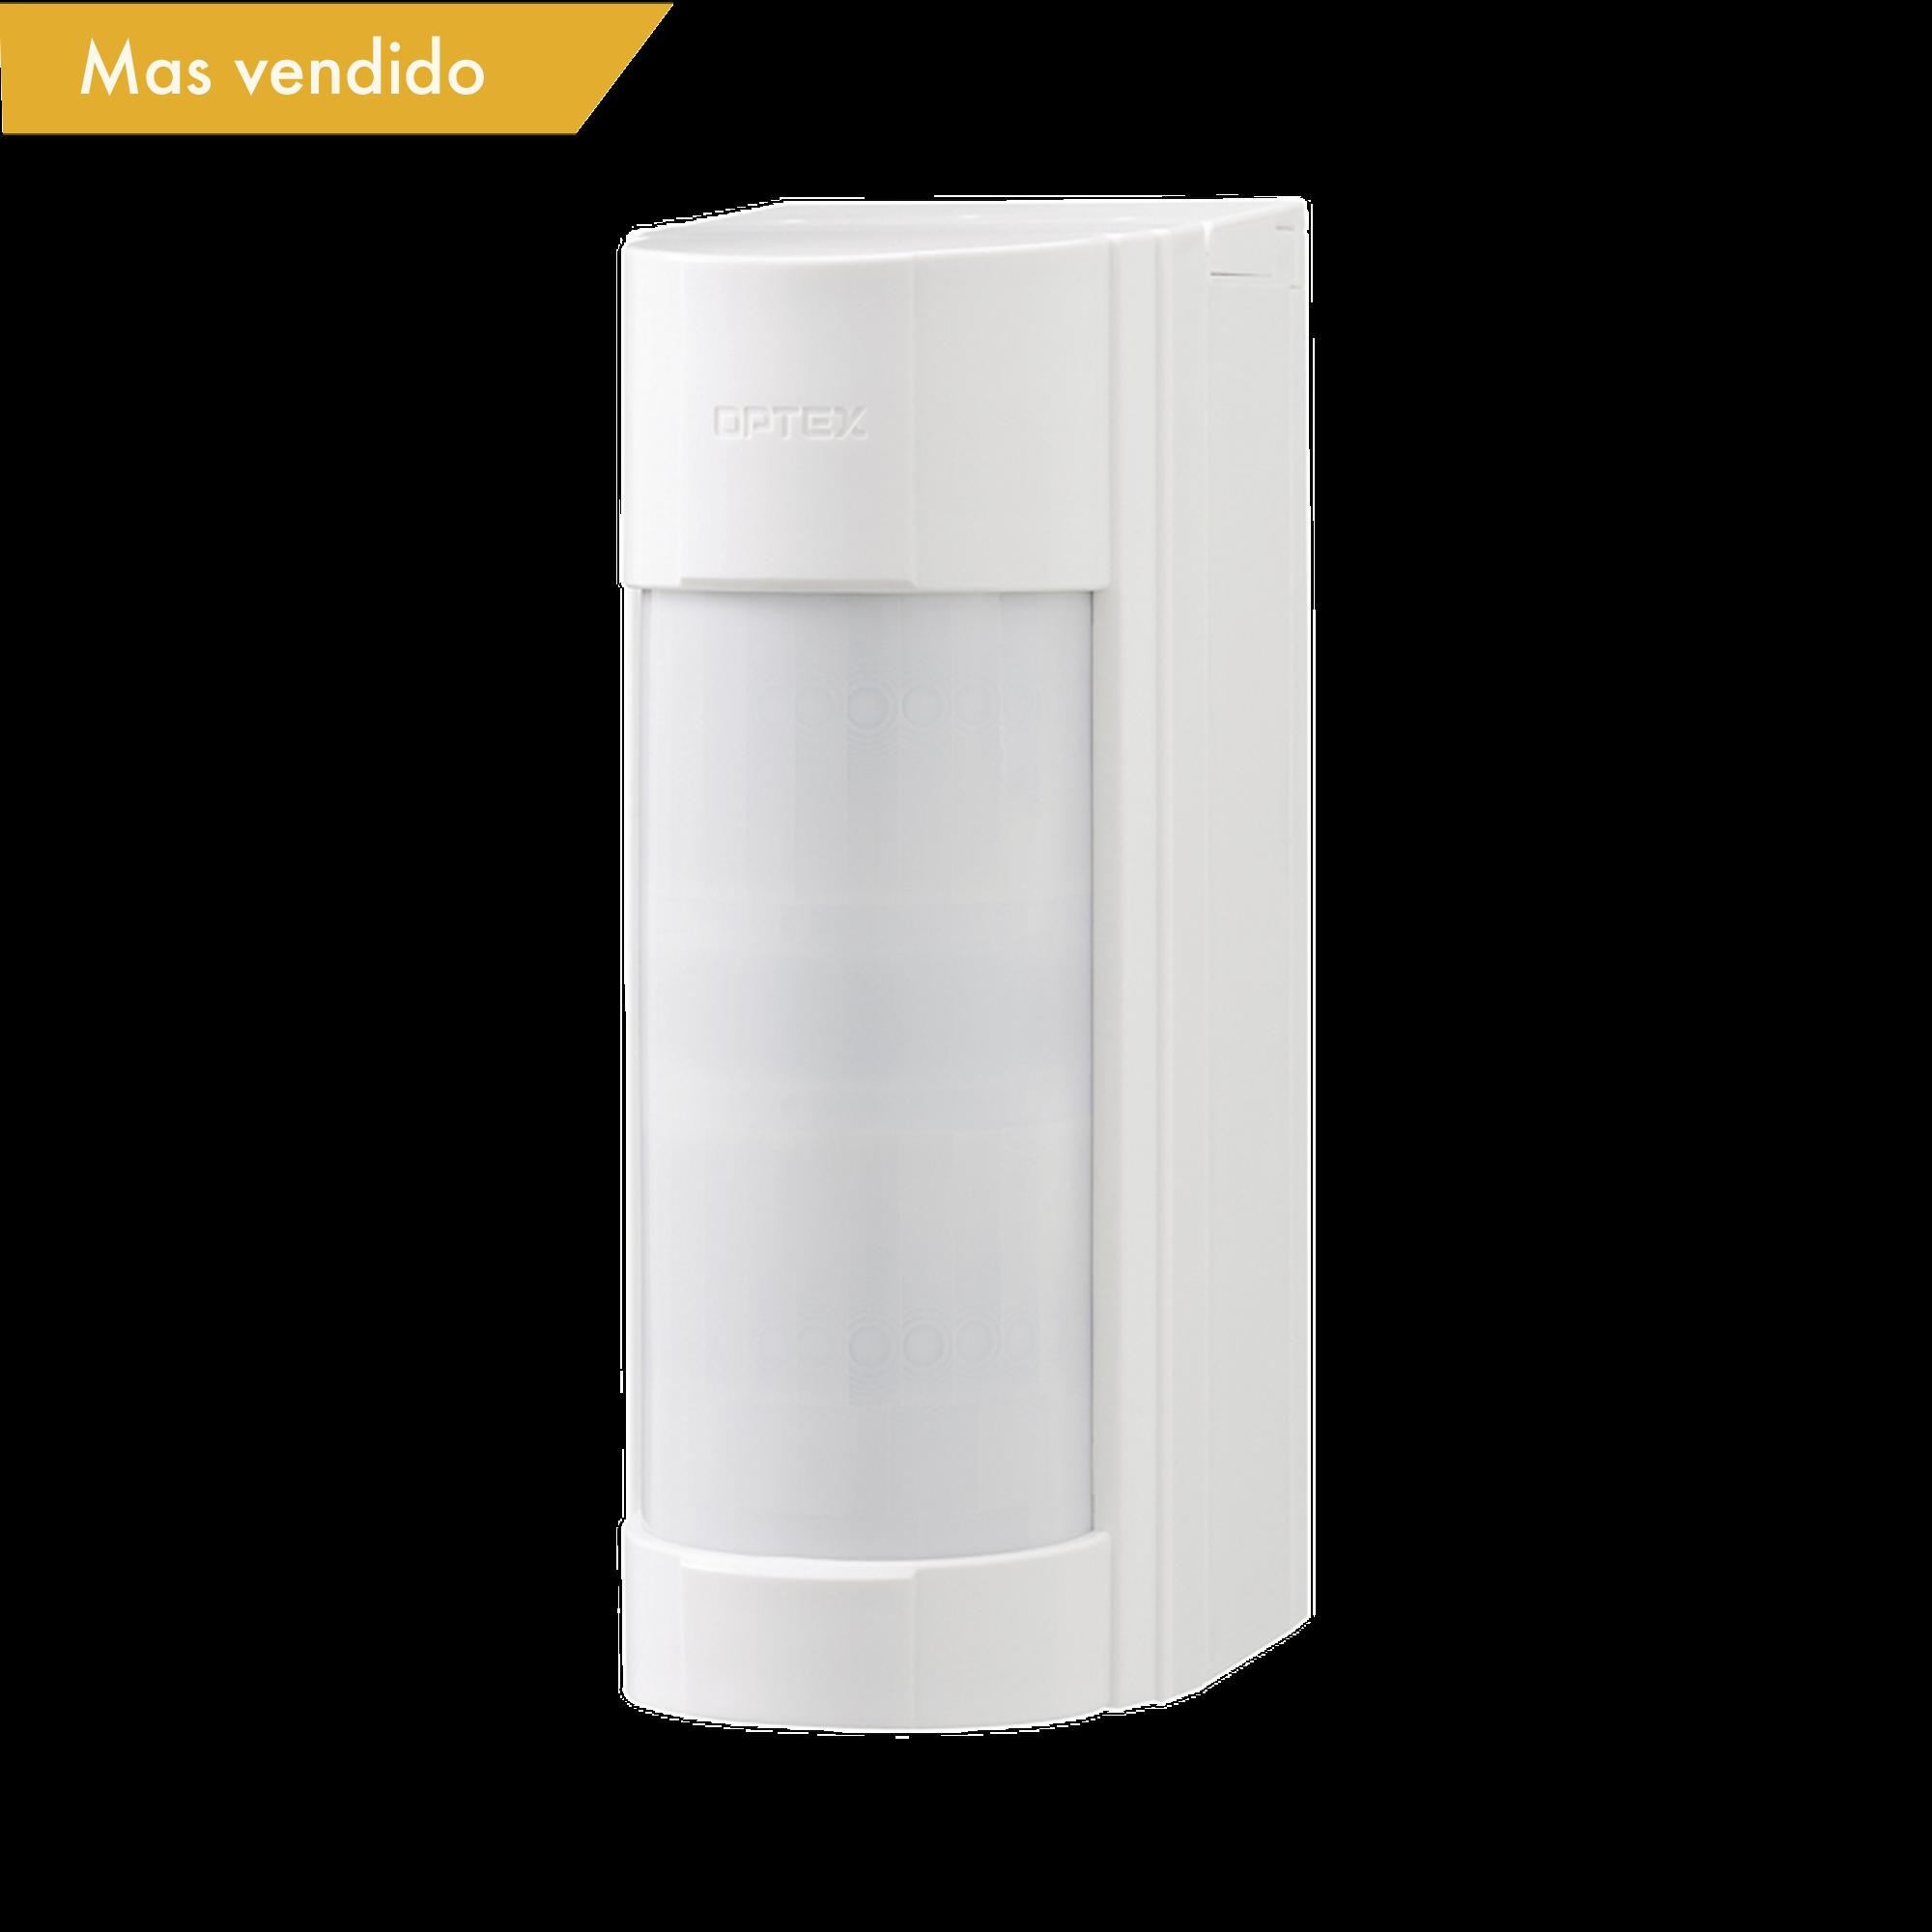 Detector de Movimiento Pasivo / Inalambrico (Alimentación) / 100% Exterior / Compatible con cualquier panel de alarma